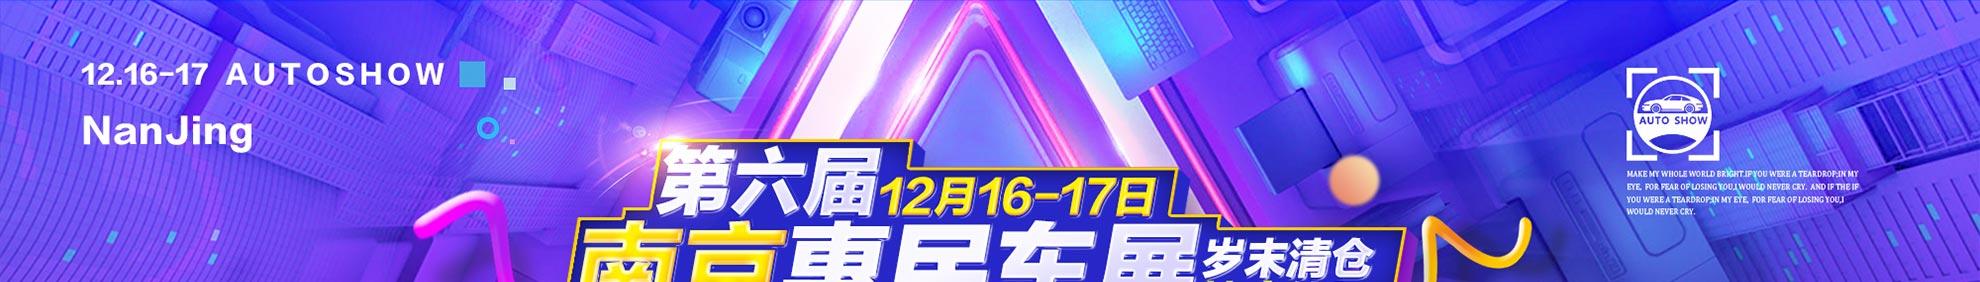 http://auto.autoshow1.com.cn/p/nj/171216/images/sp2.jpg